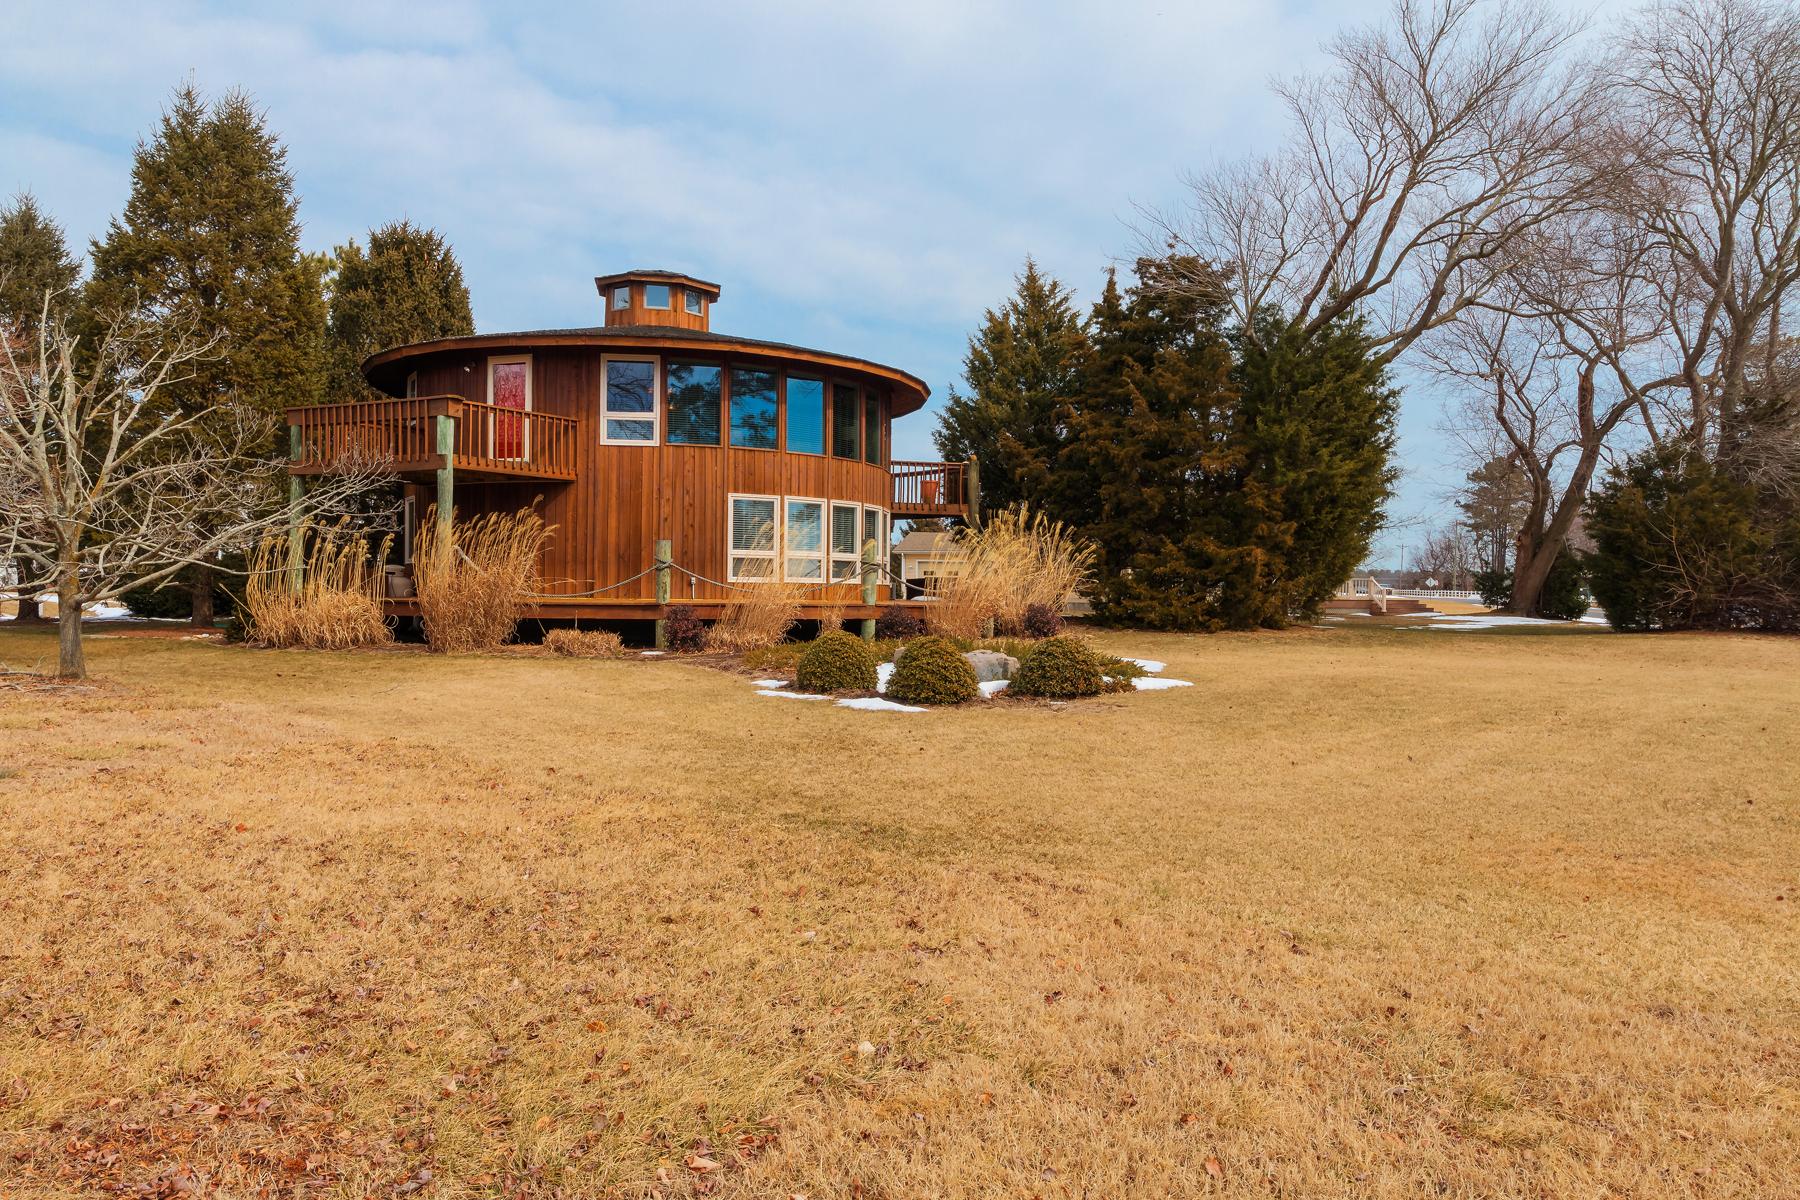 Property For Sale at 17 Comanche Cir, Millsboro, DE 19966